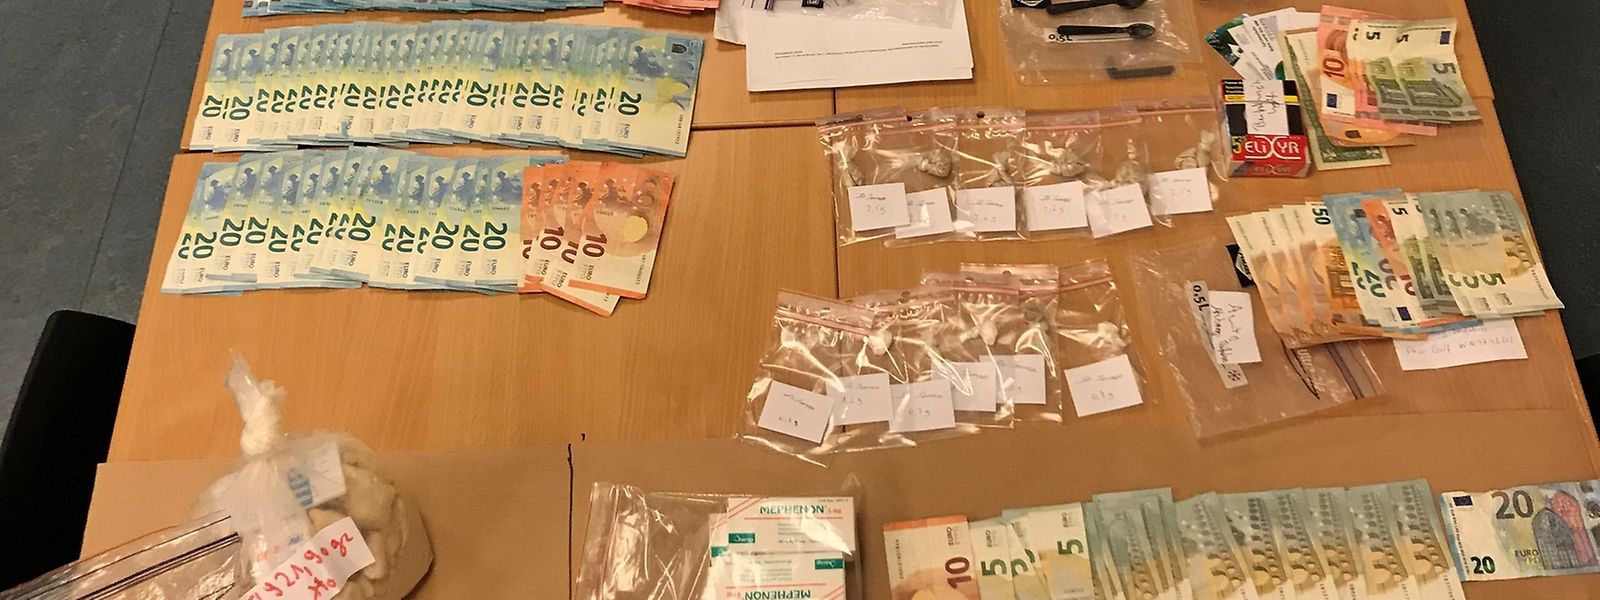 Kokain, Heroin, Bargeld und Mobiltelefone wurden beschlagnahmt.